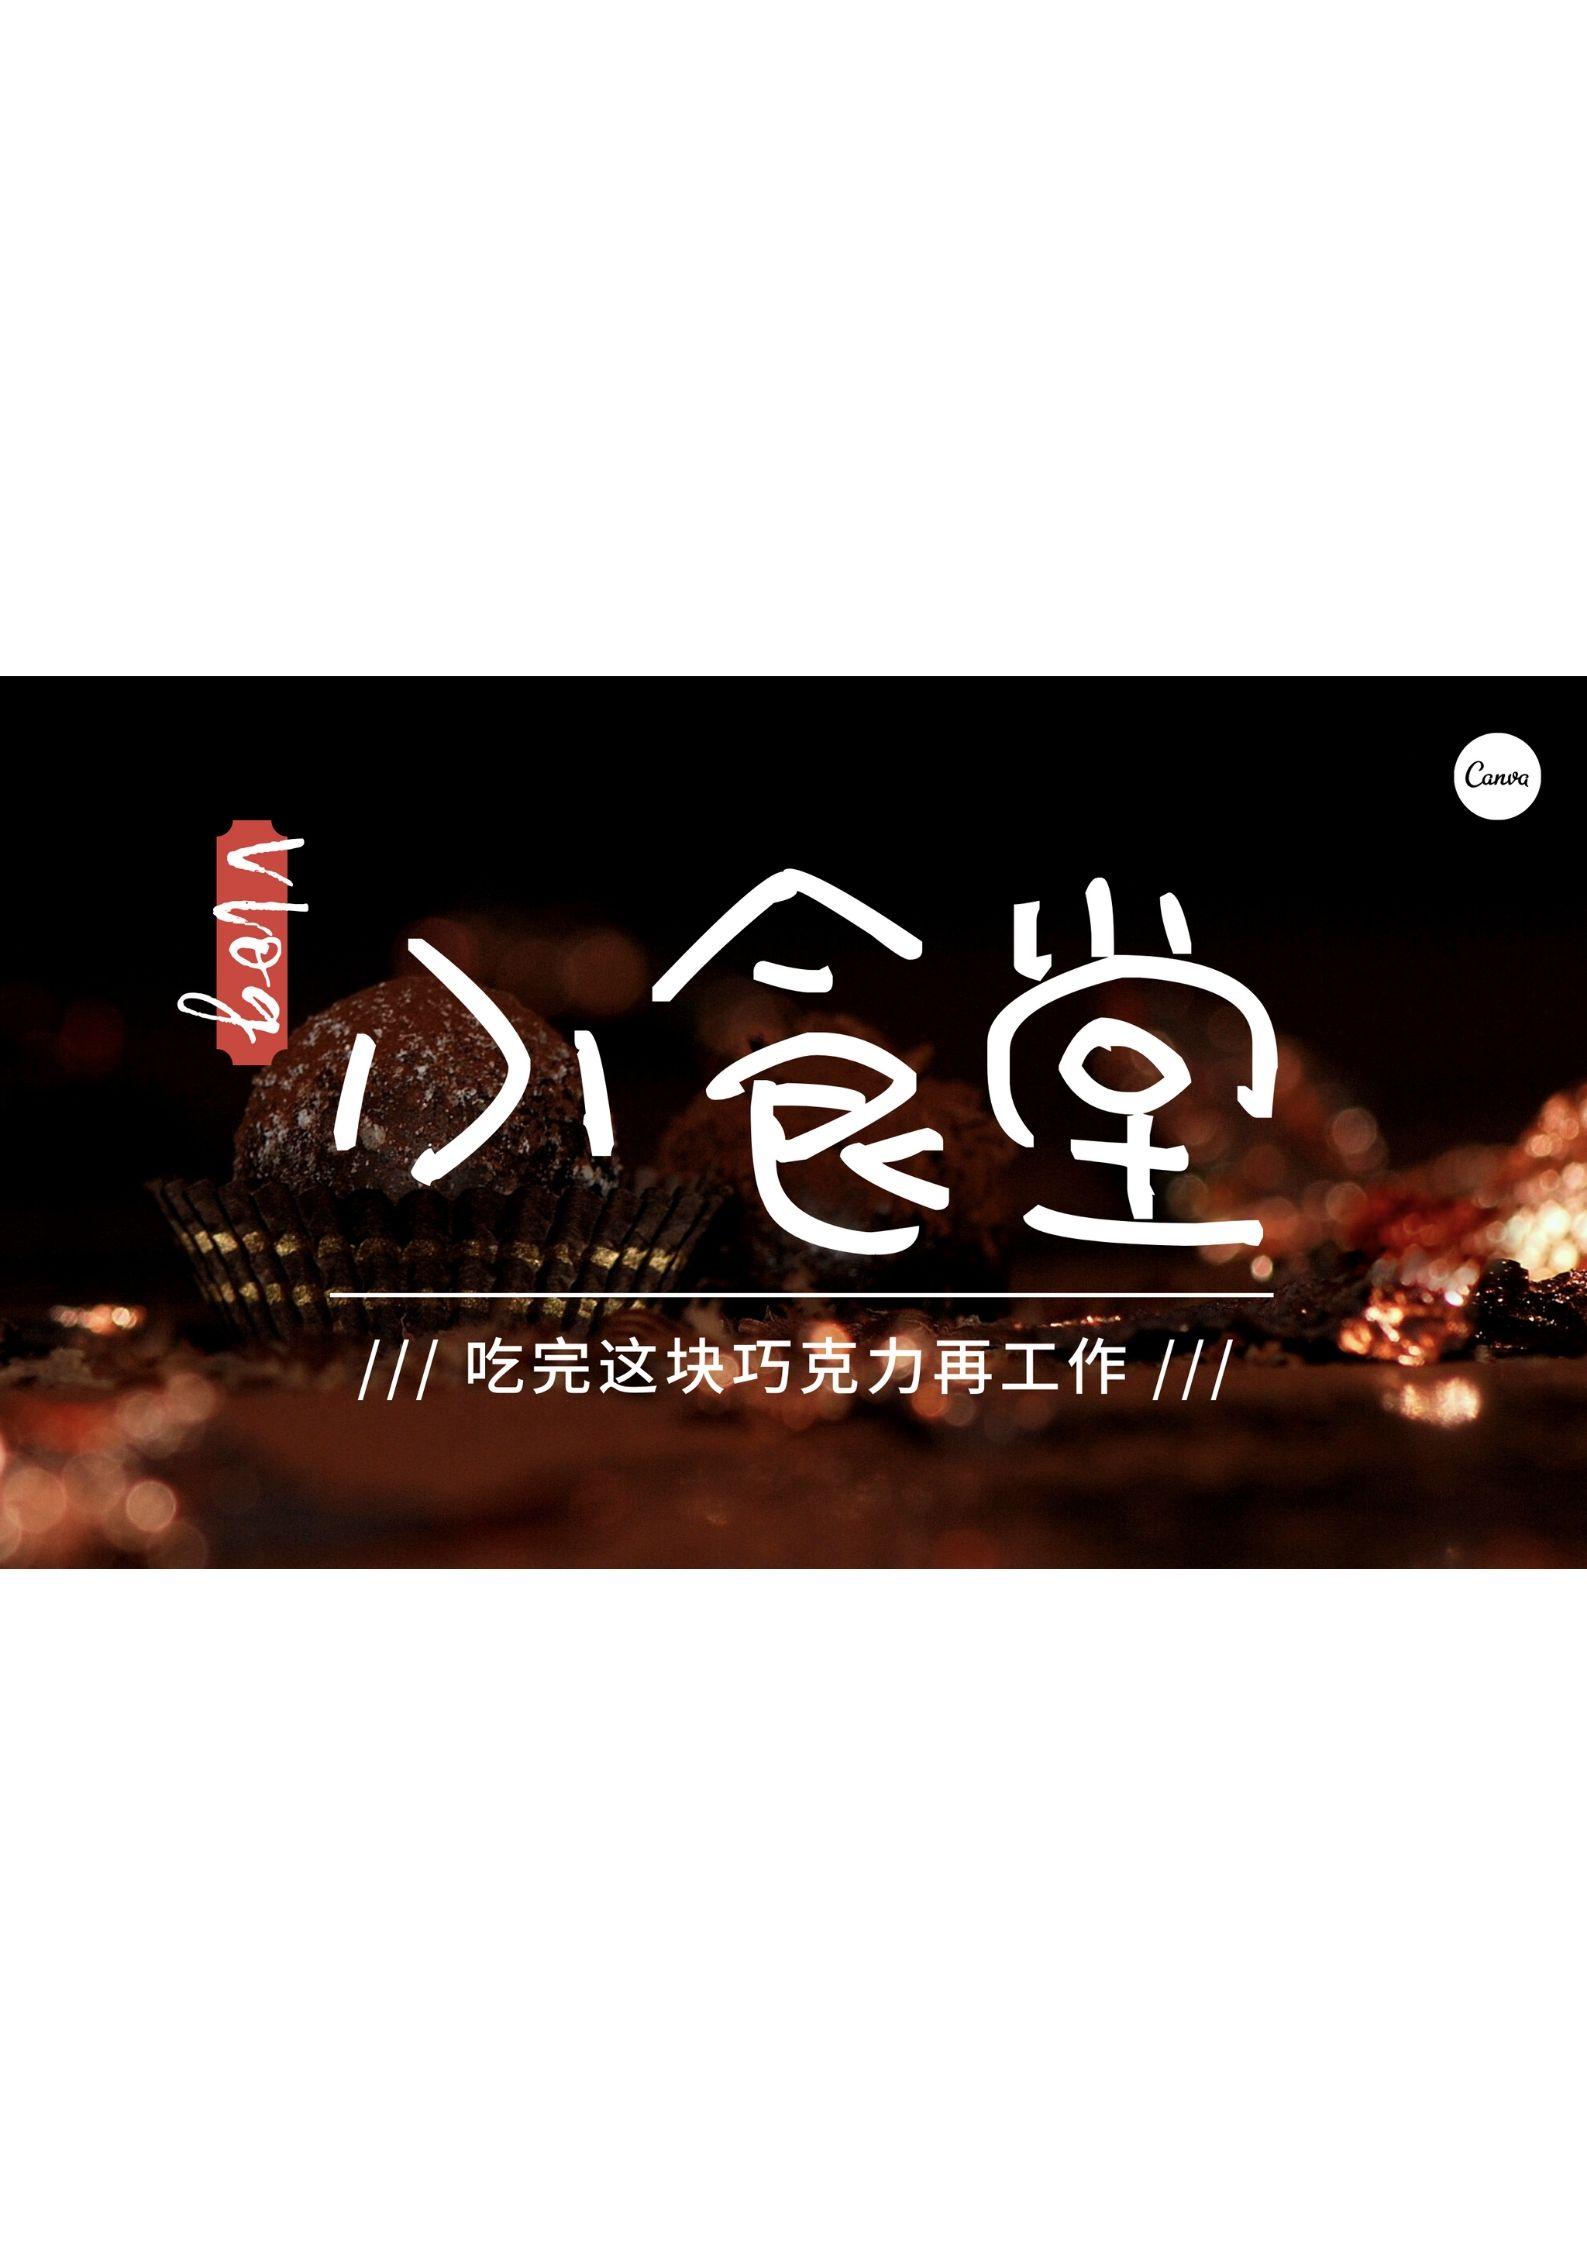 视频封面设计